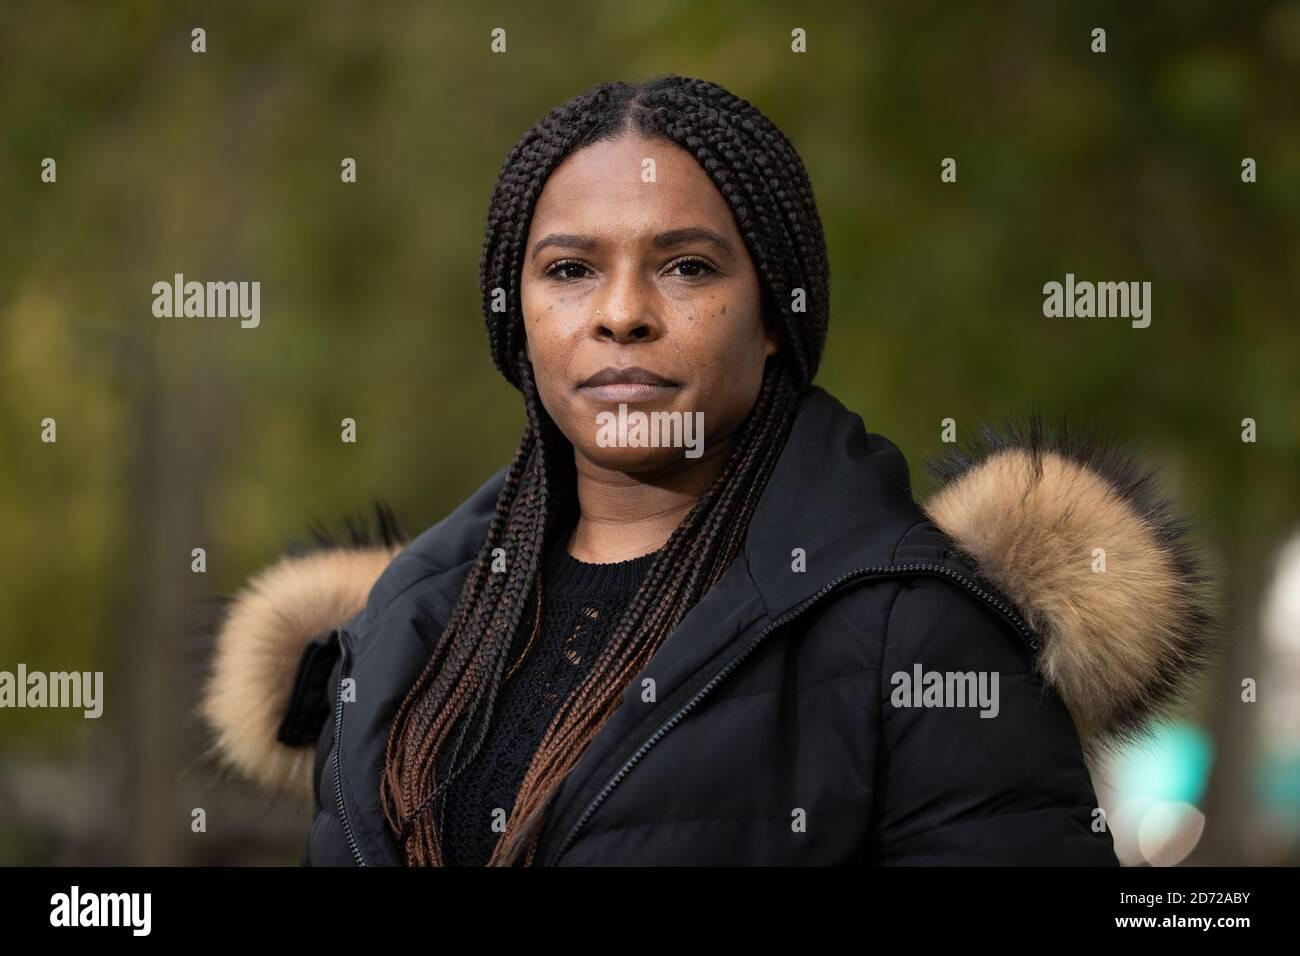 Lillian Serunkuma à l'extérieur de Scotland Yard, Londres. Mme Serunkuma, la grand-mère du garçon de deux ans qui a été abattu dans la tête à Brant le 3 juin, appelle à la présence de plus de témoins de l'incident. Les détectives croient que la « courageuse » mère de 27 ans de l'enfant a sauvé sa vie en mettant son corps entre lui et l'homme armé comme elle a été elle-même tiré sept fois. Banque D'Images